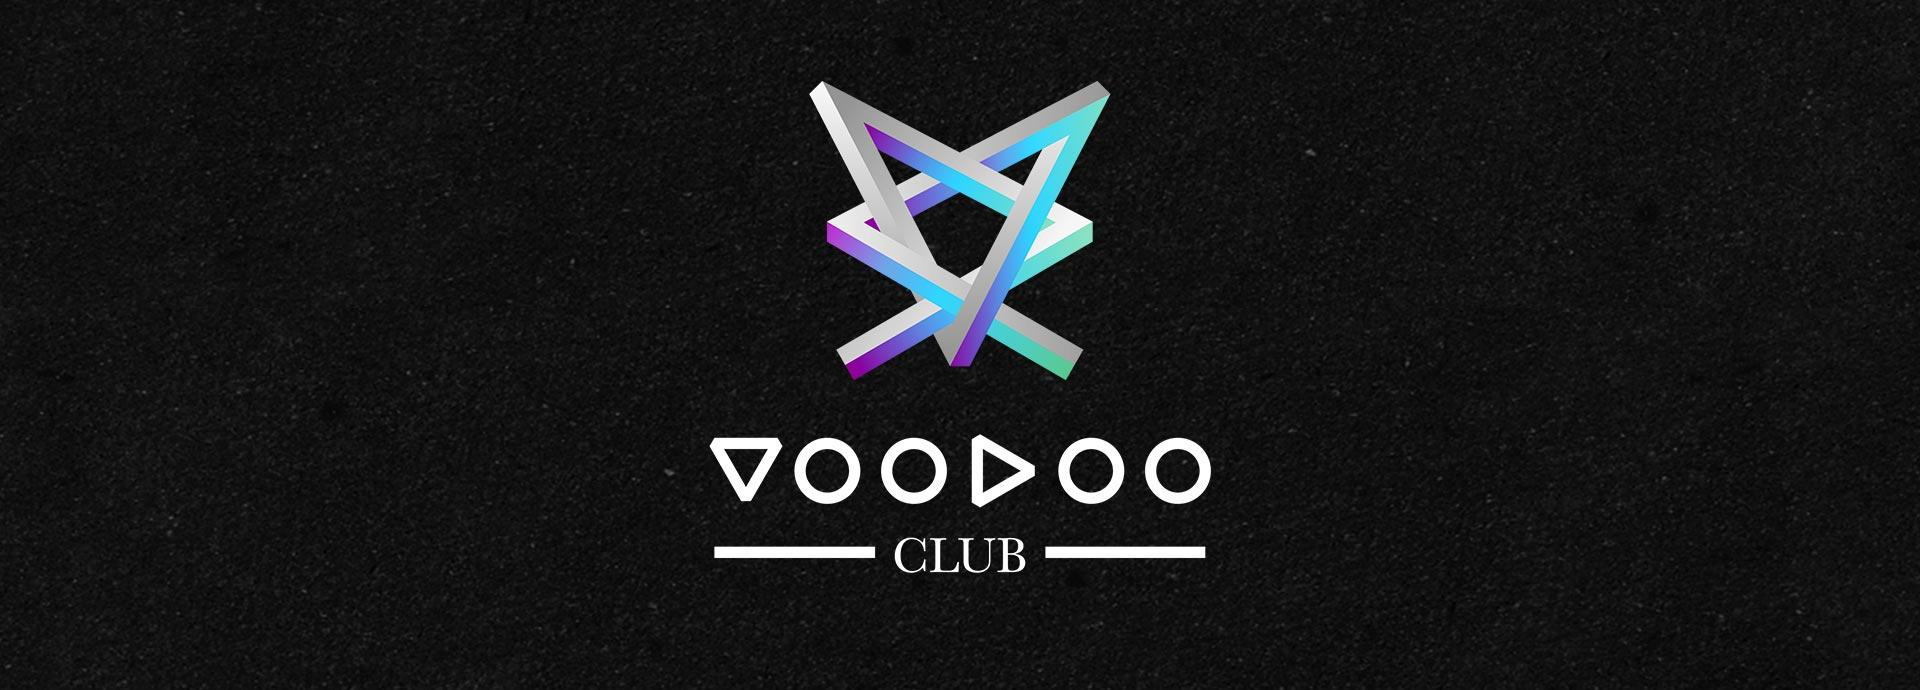 image Voodoo Club